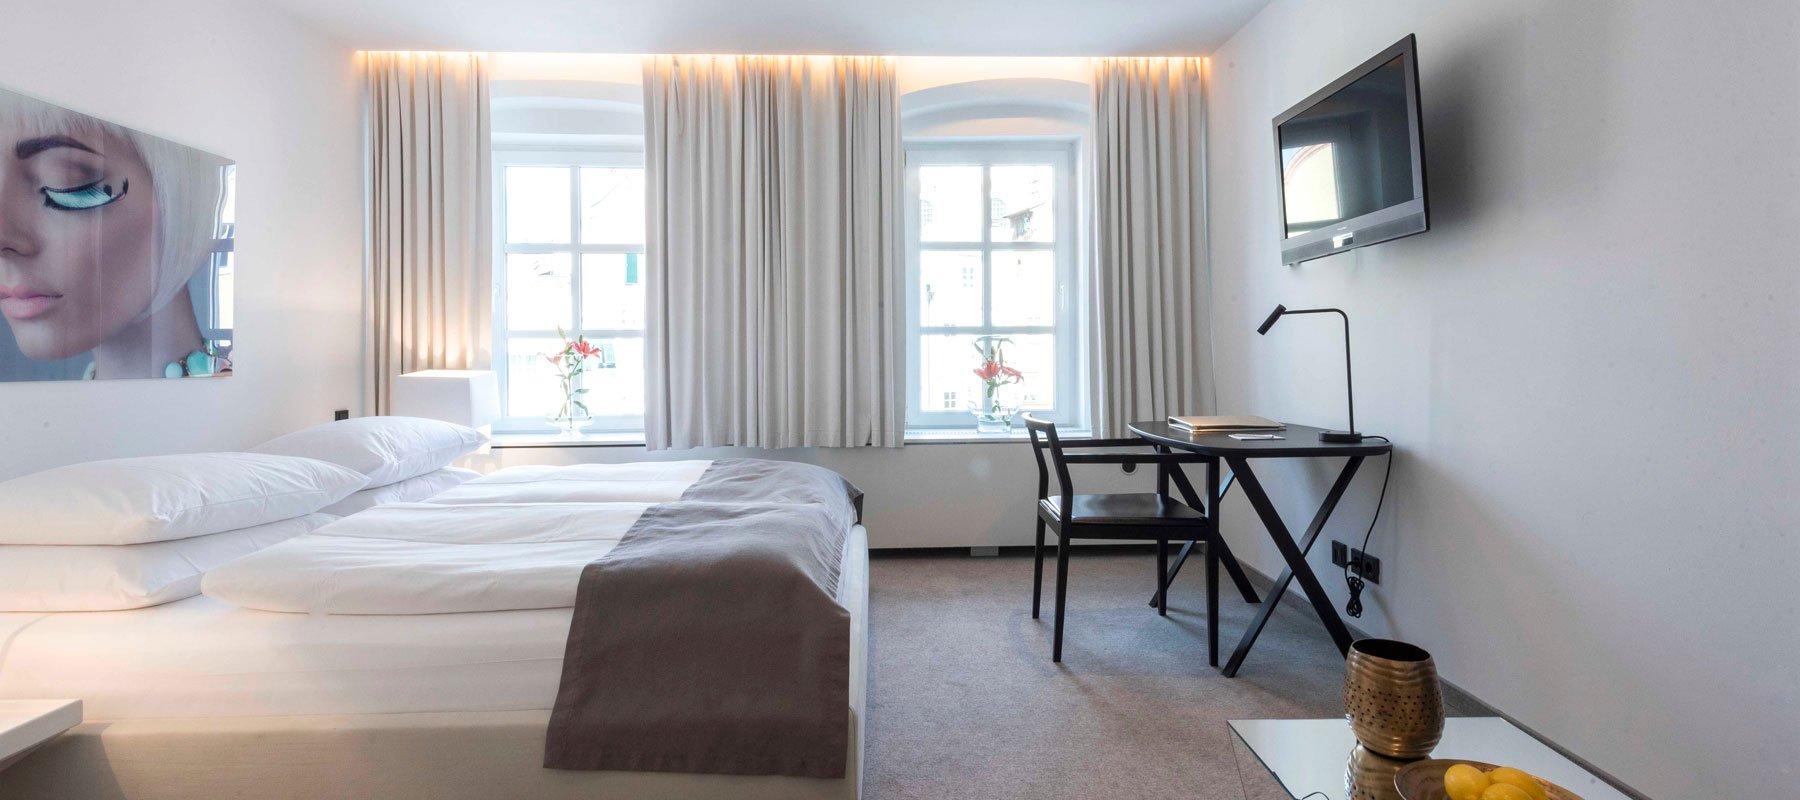 Hotel Forstinger Zimmer